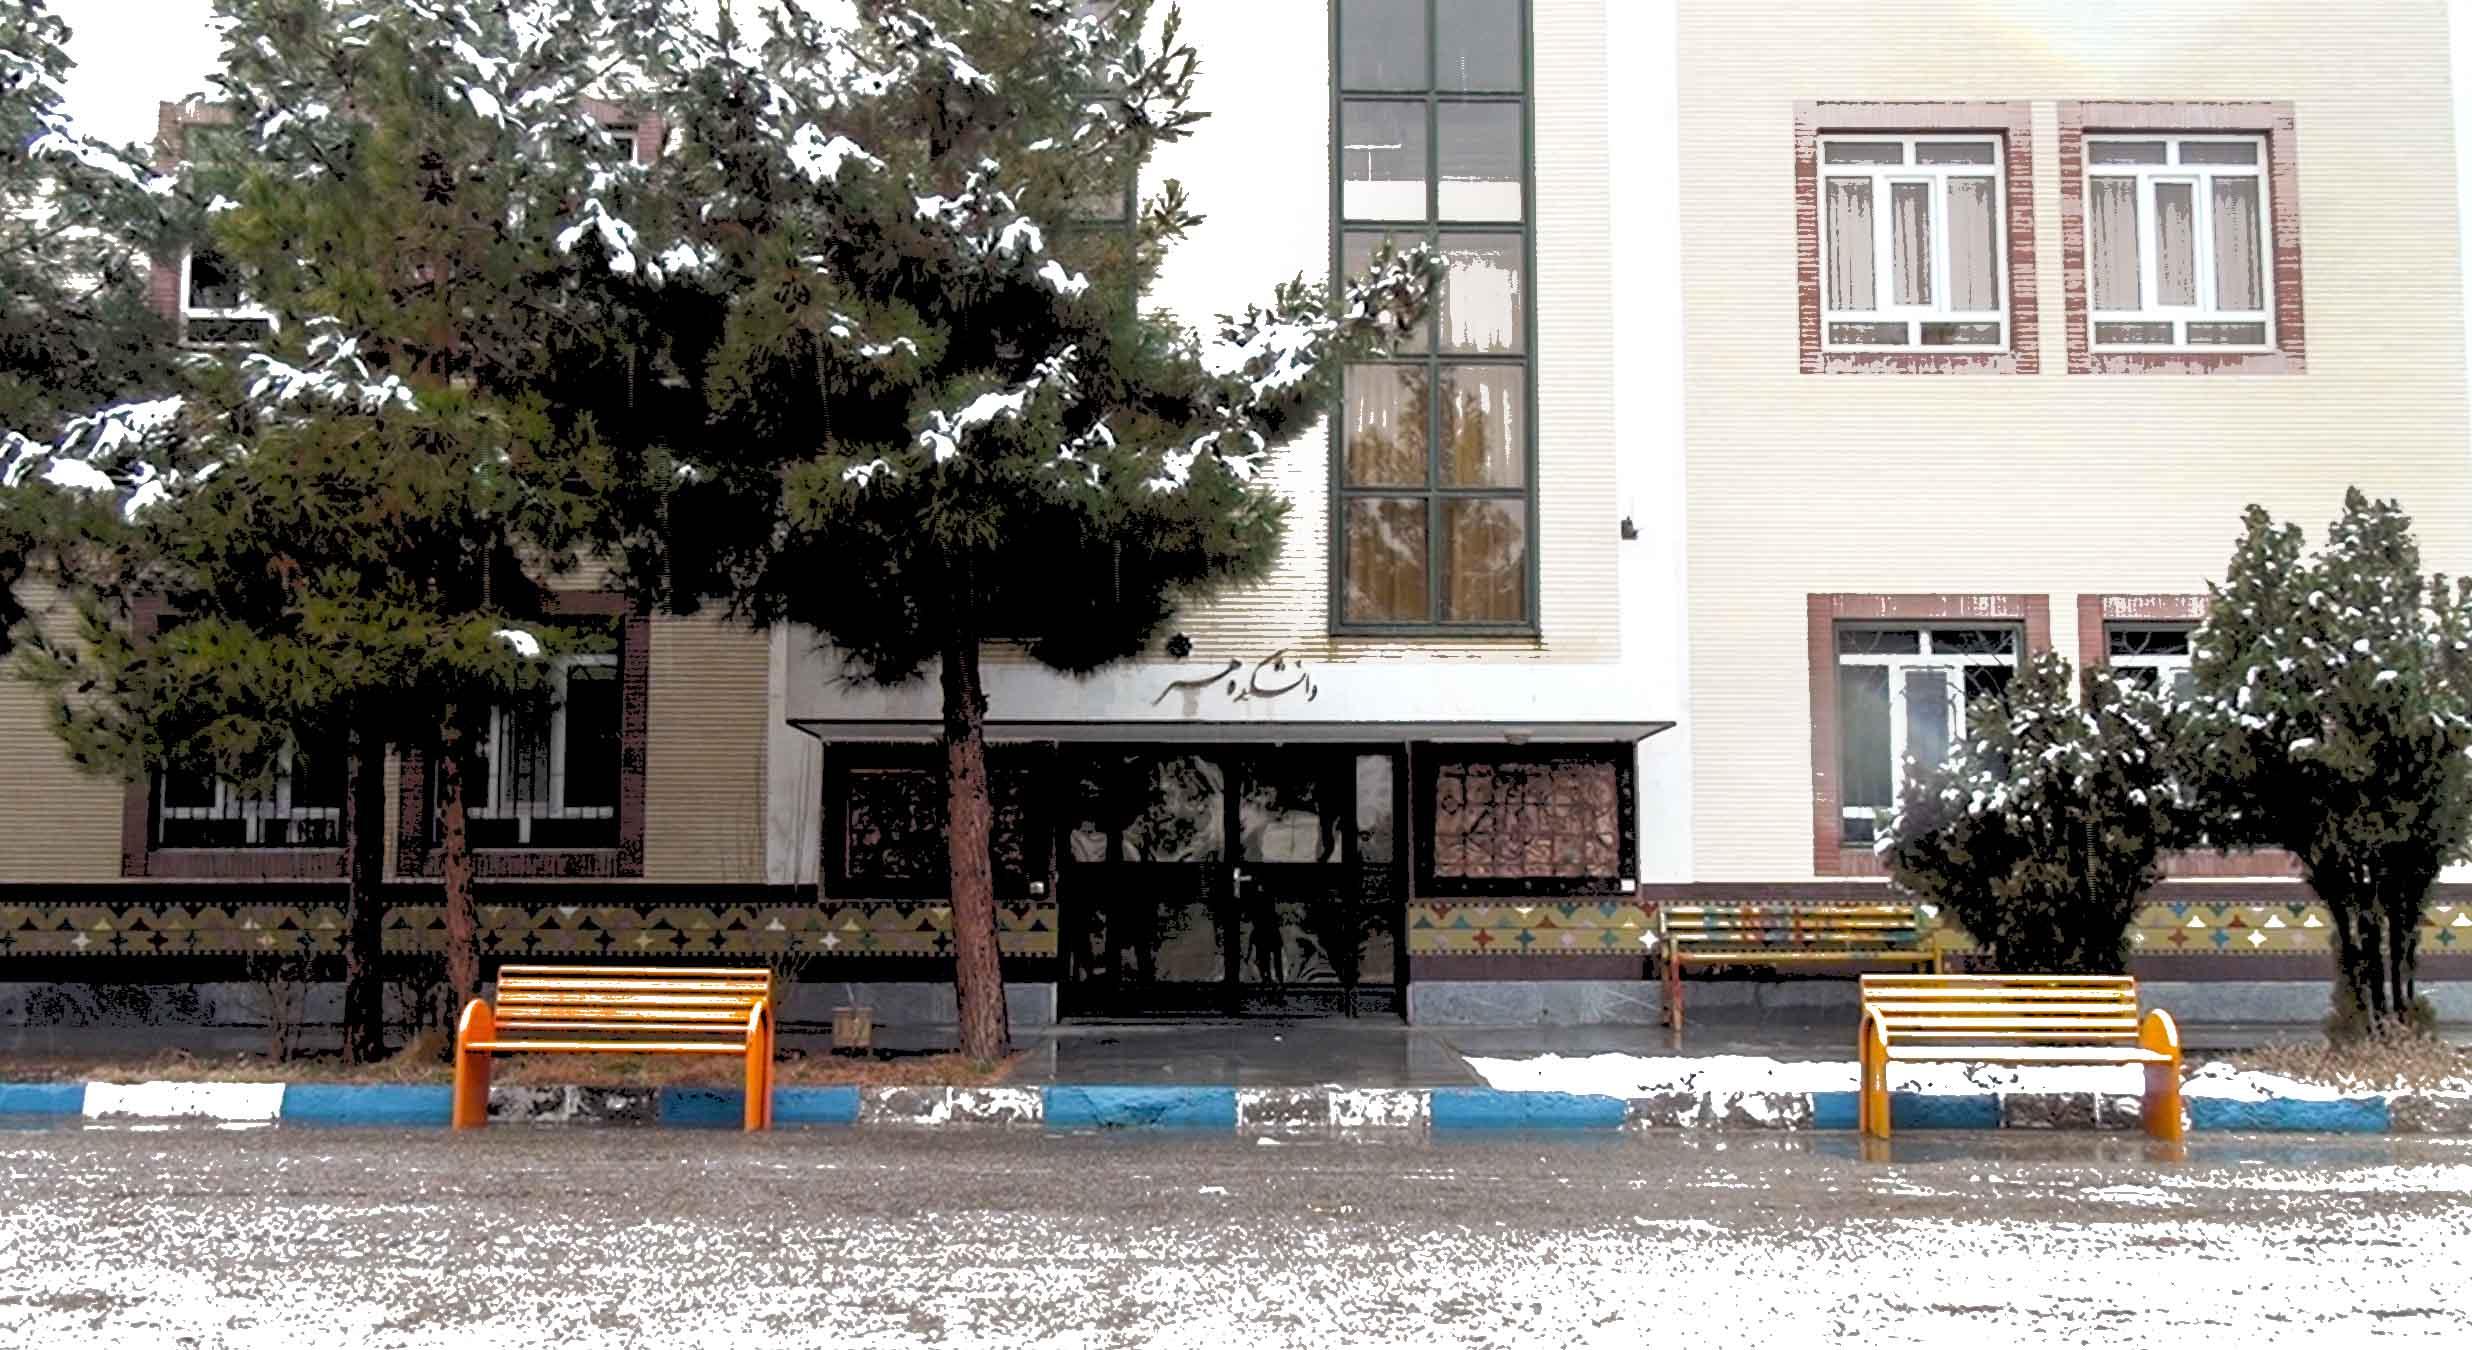 درخشش دانشکده هنر در زمستان ۹۶